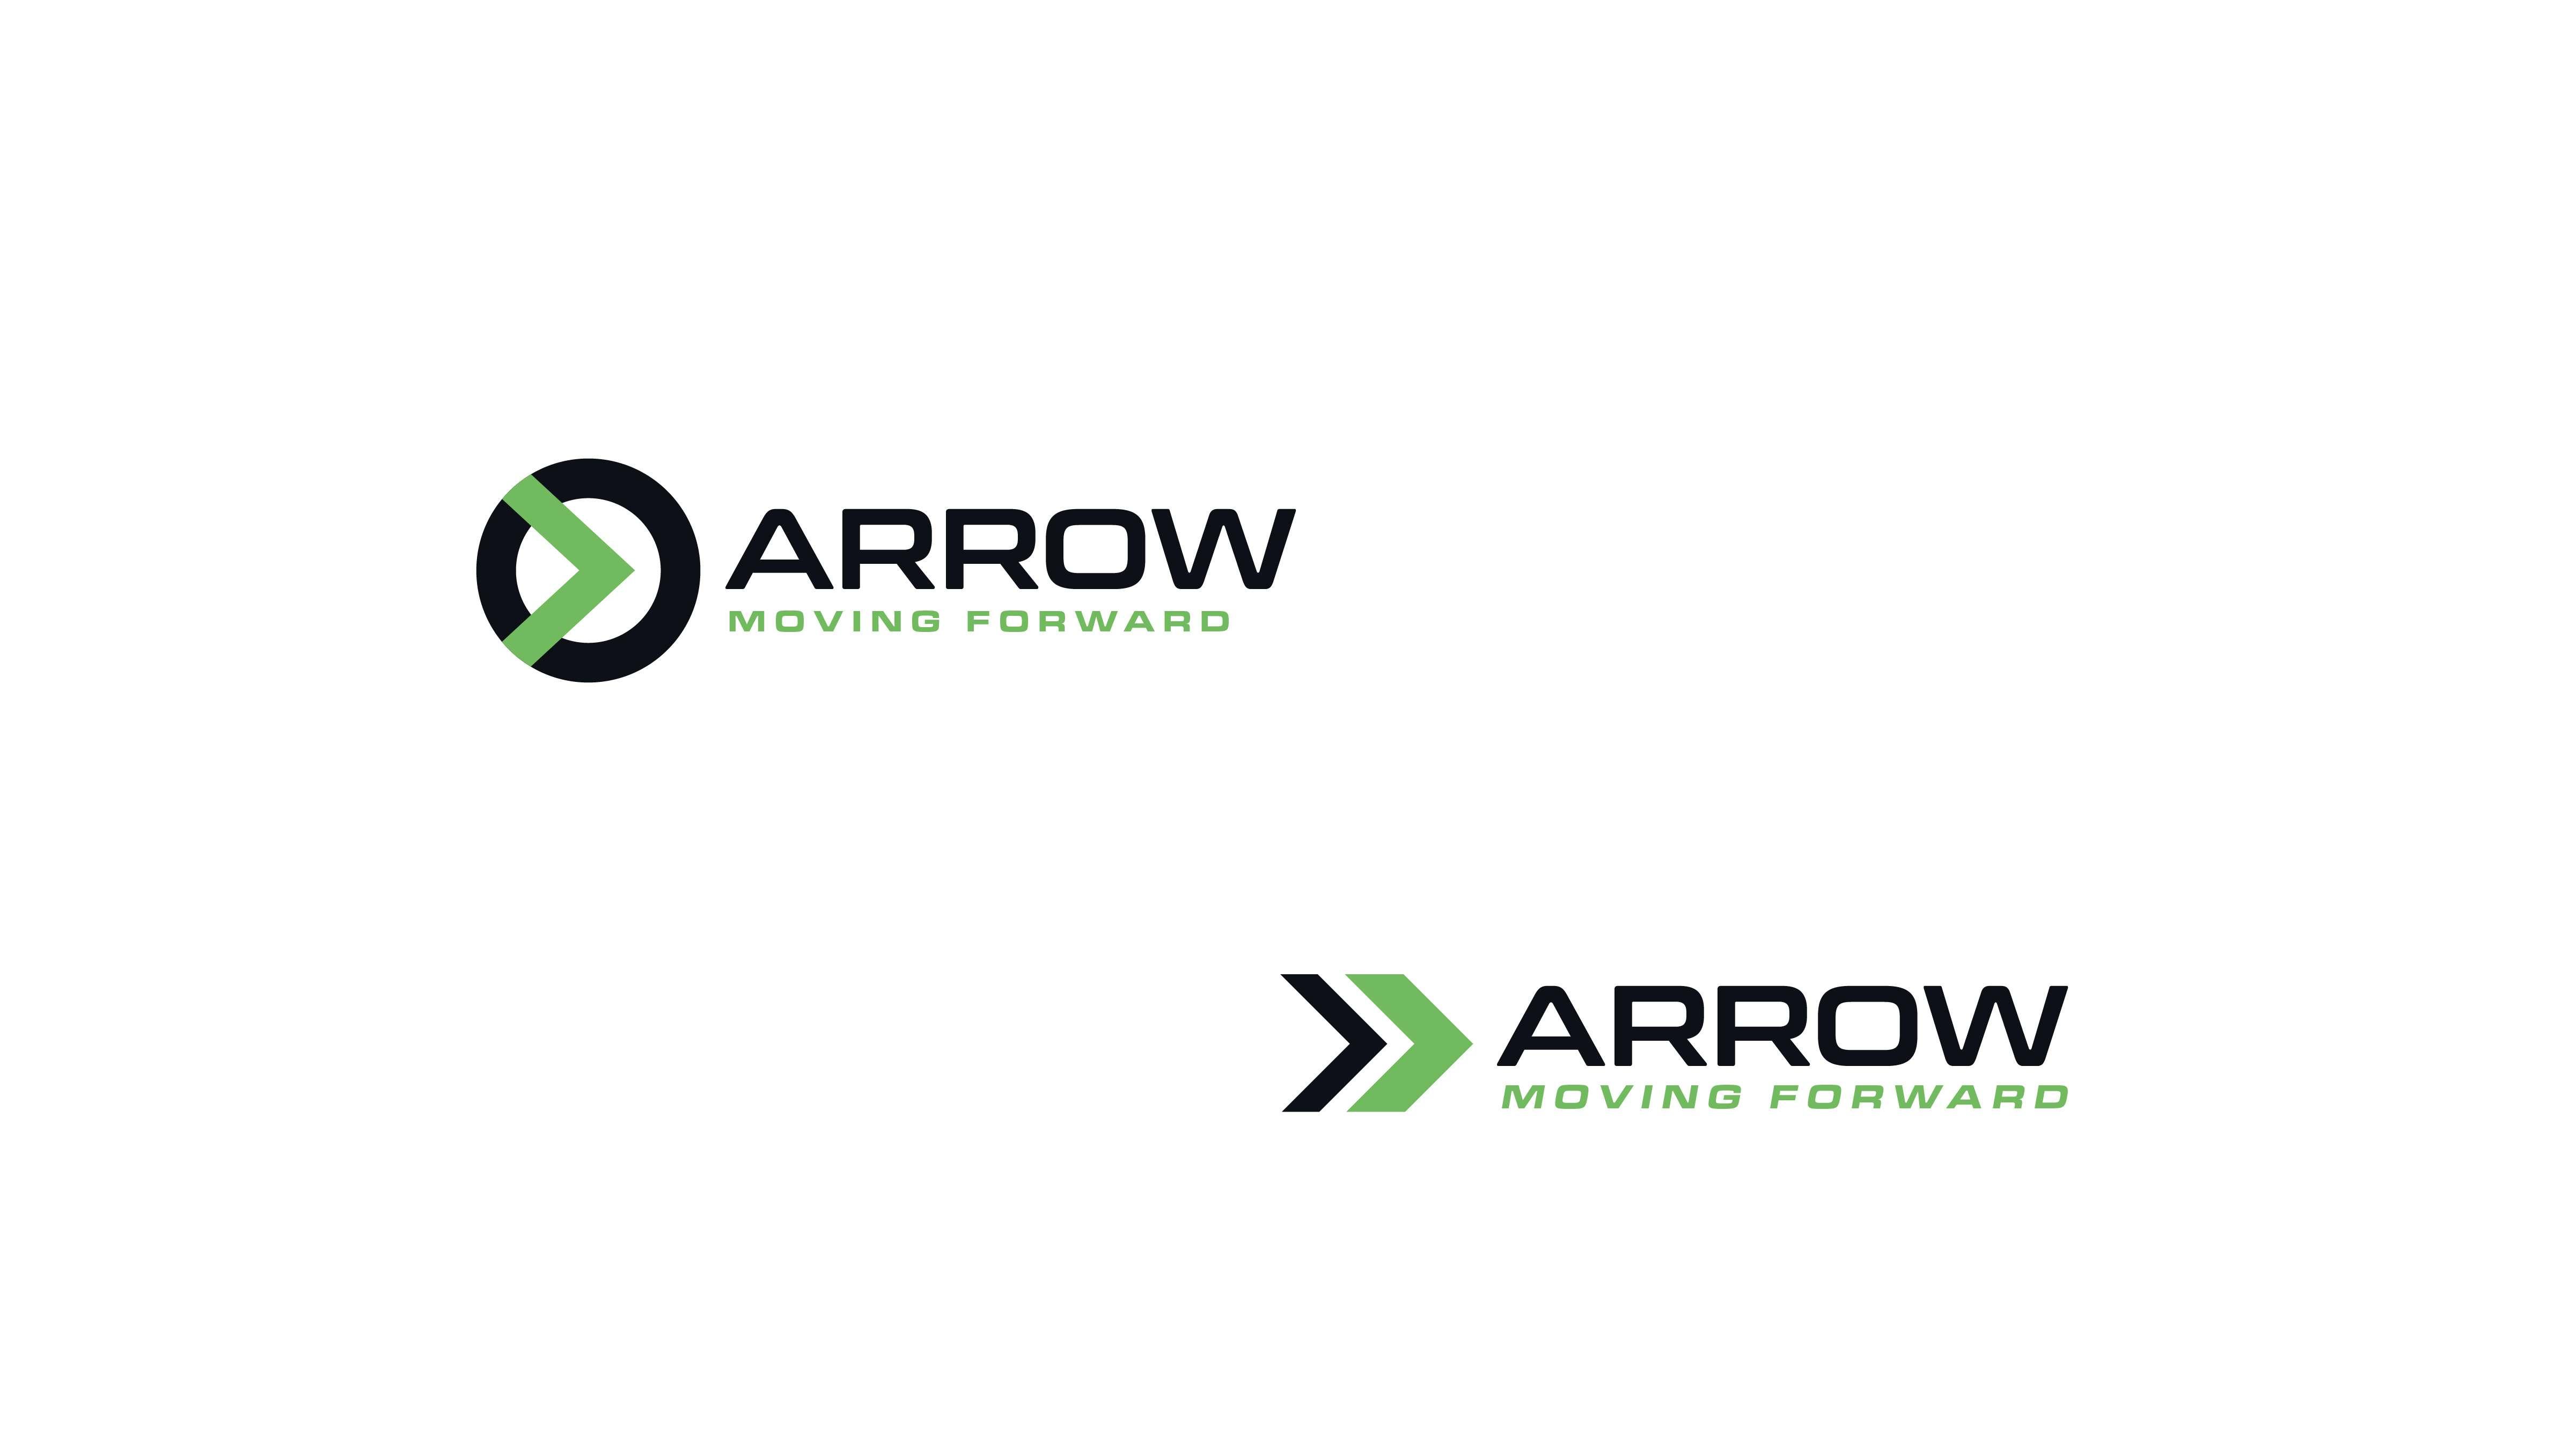 ARROW 04